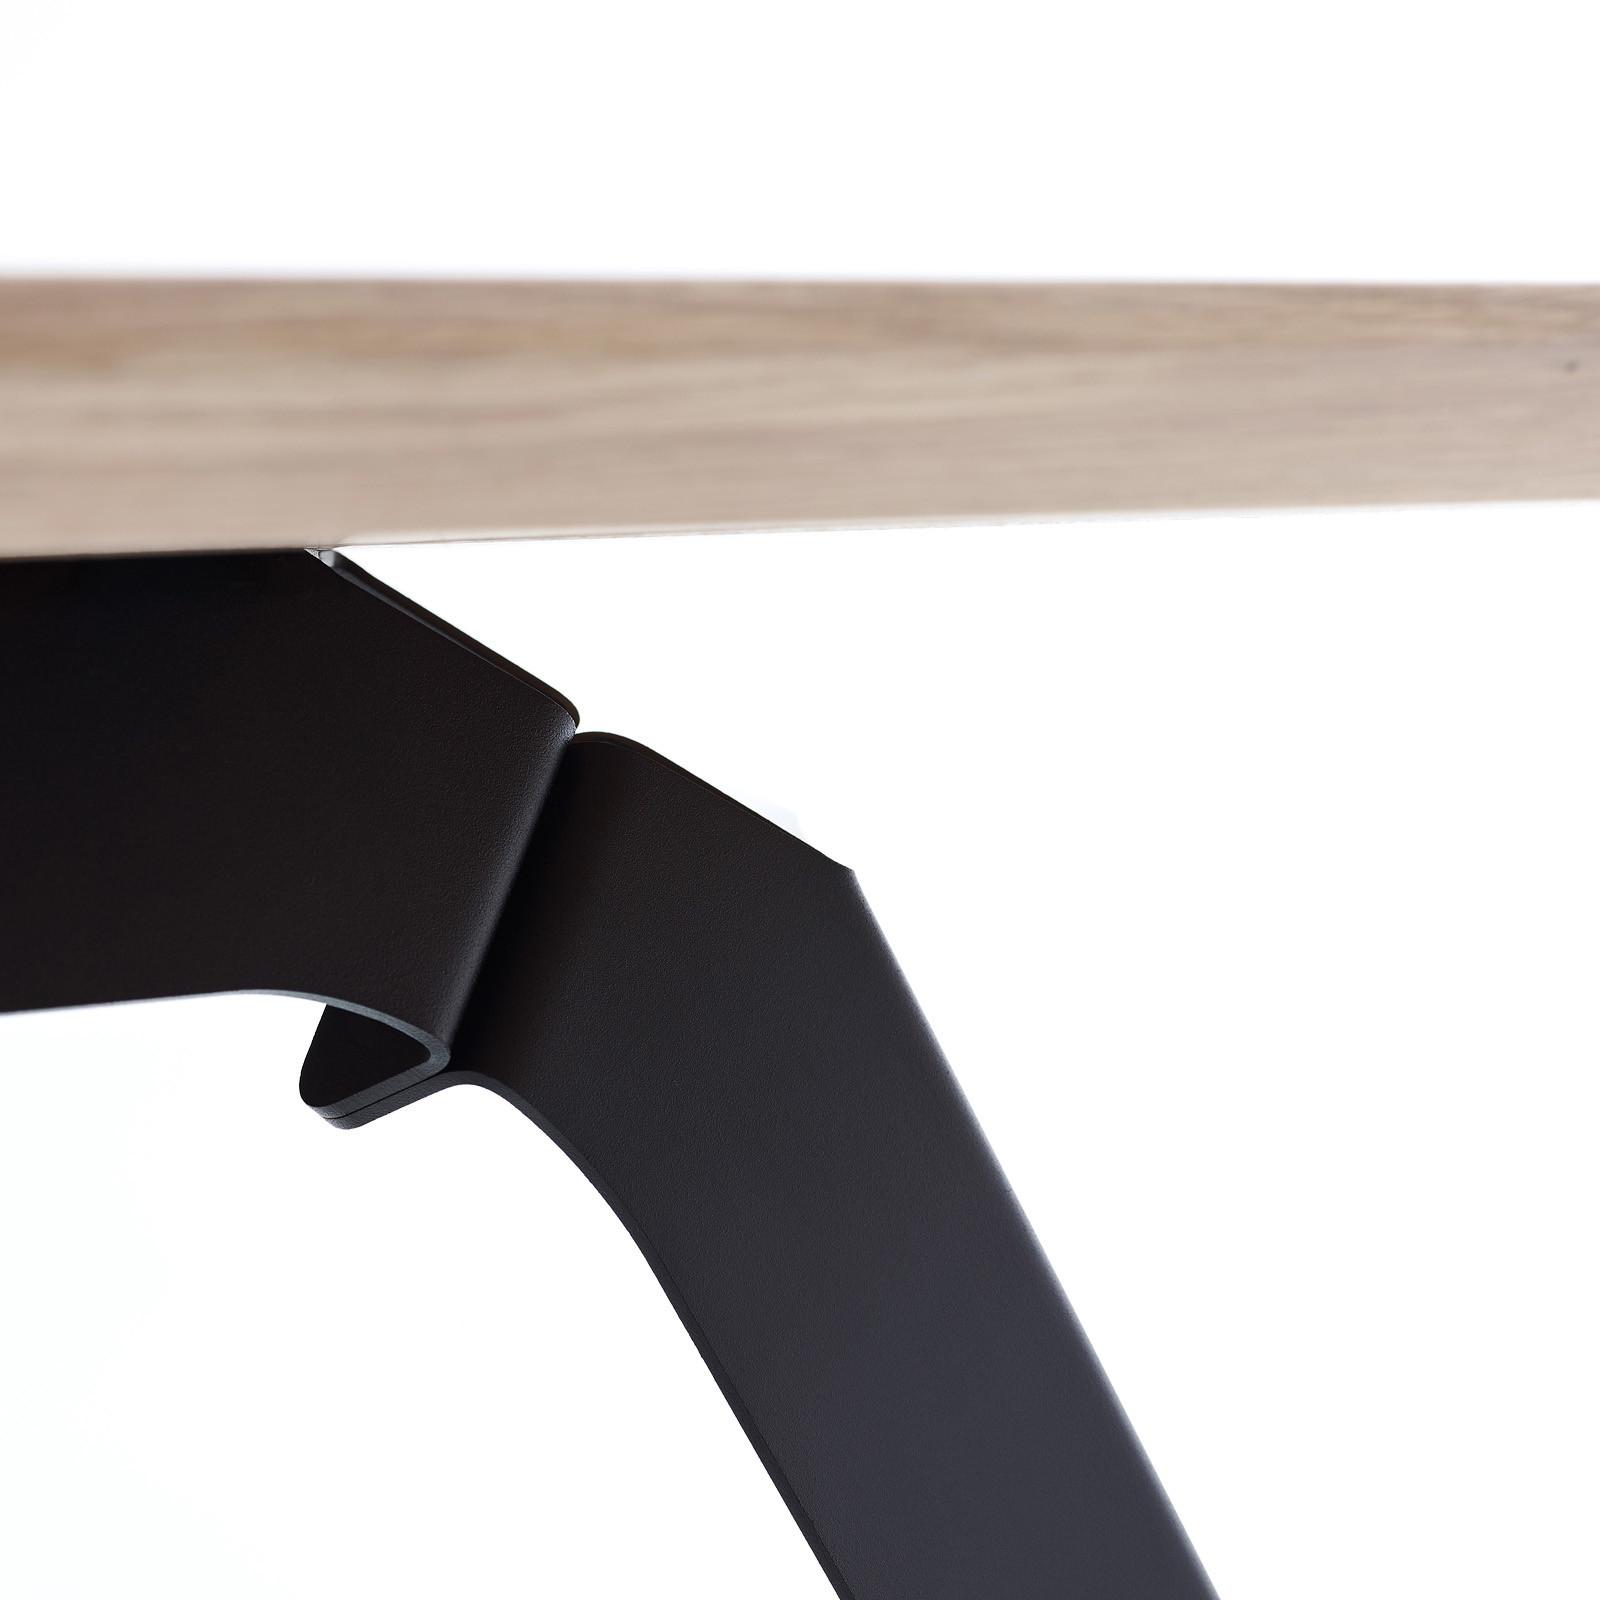 Esstisch Fold Eichenholz 200 x 95 / Gestell Stahl Schwarz  05